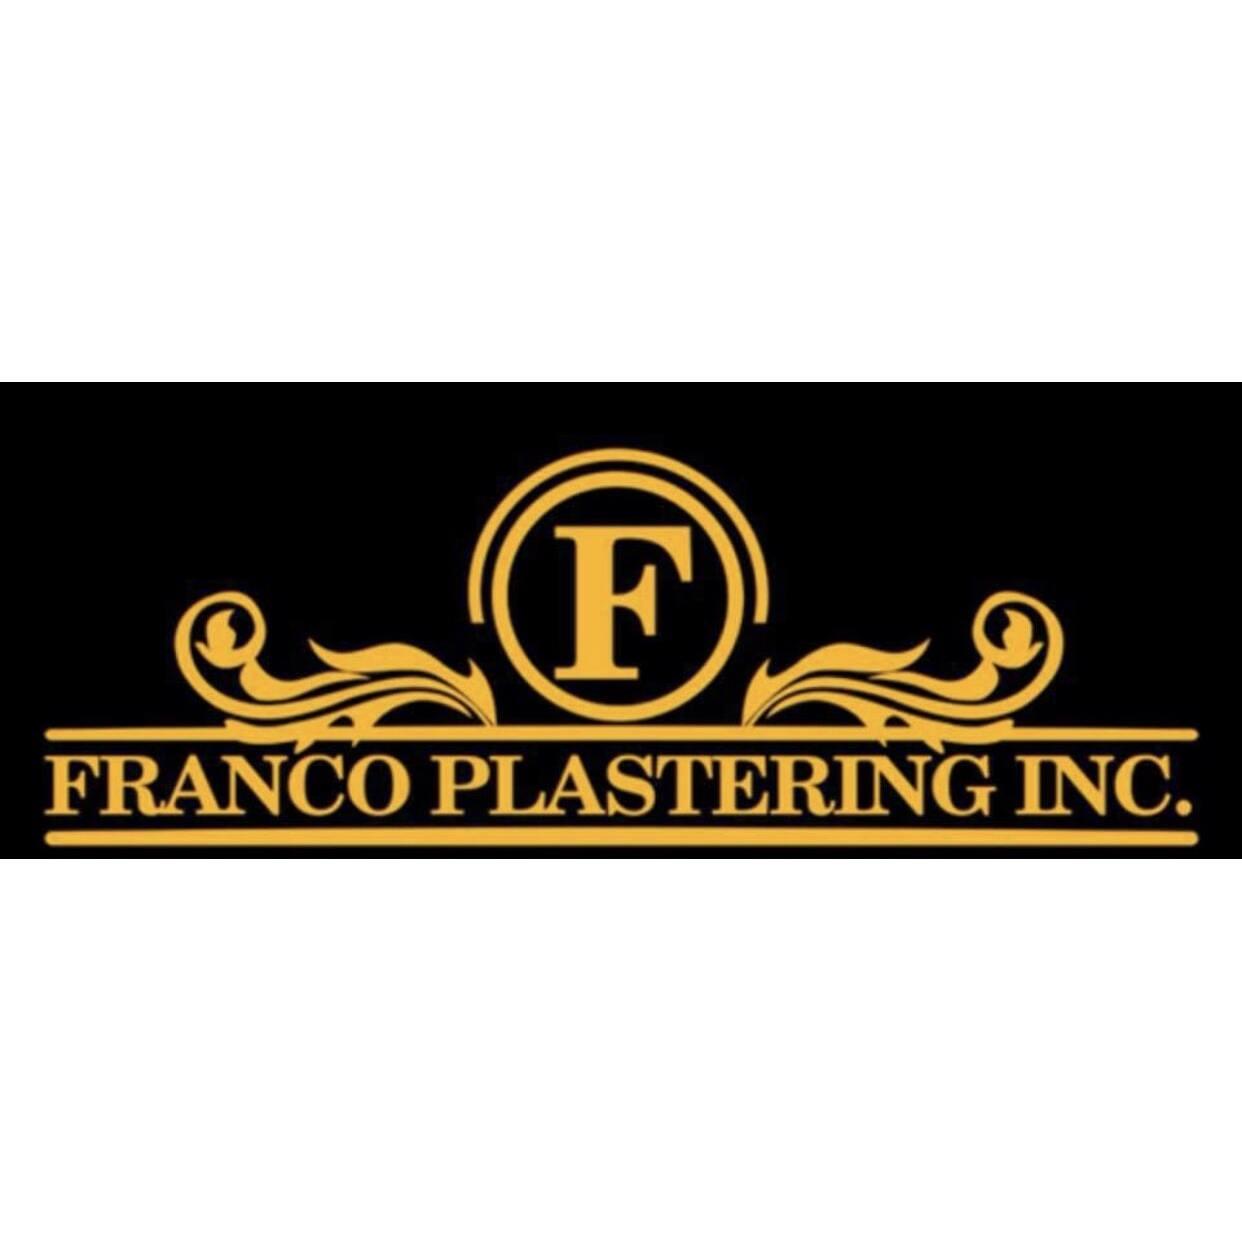 Franco Plastering Inc.